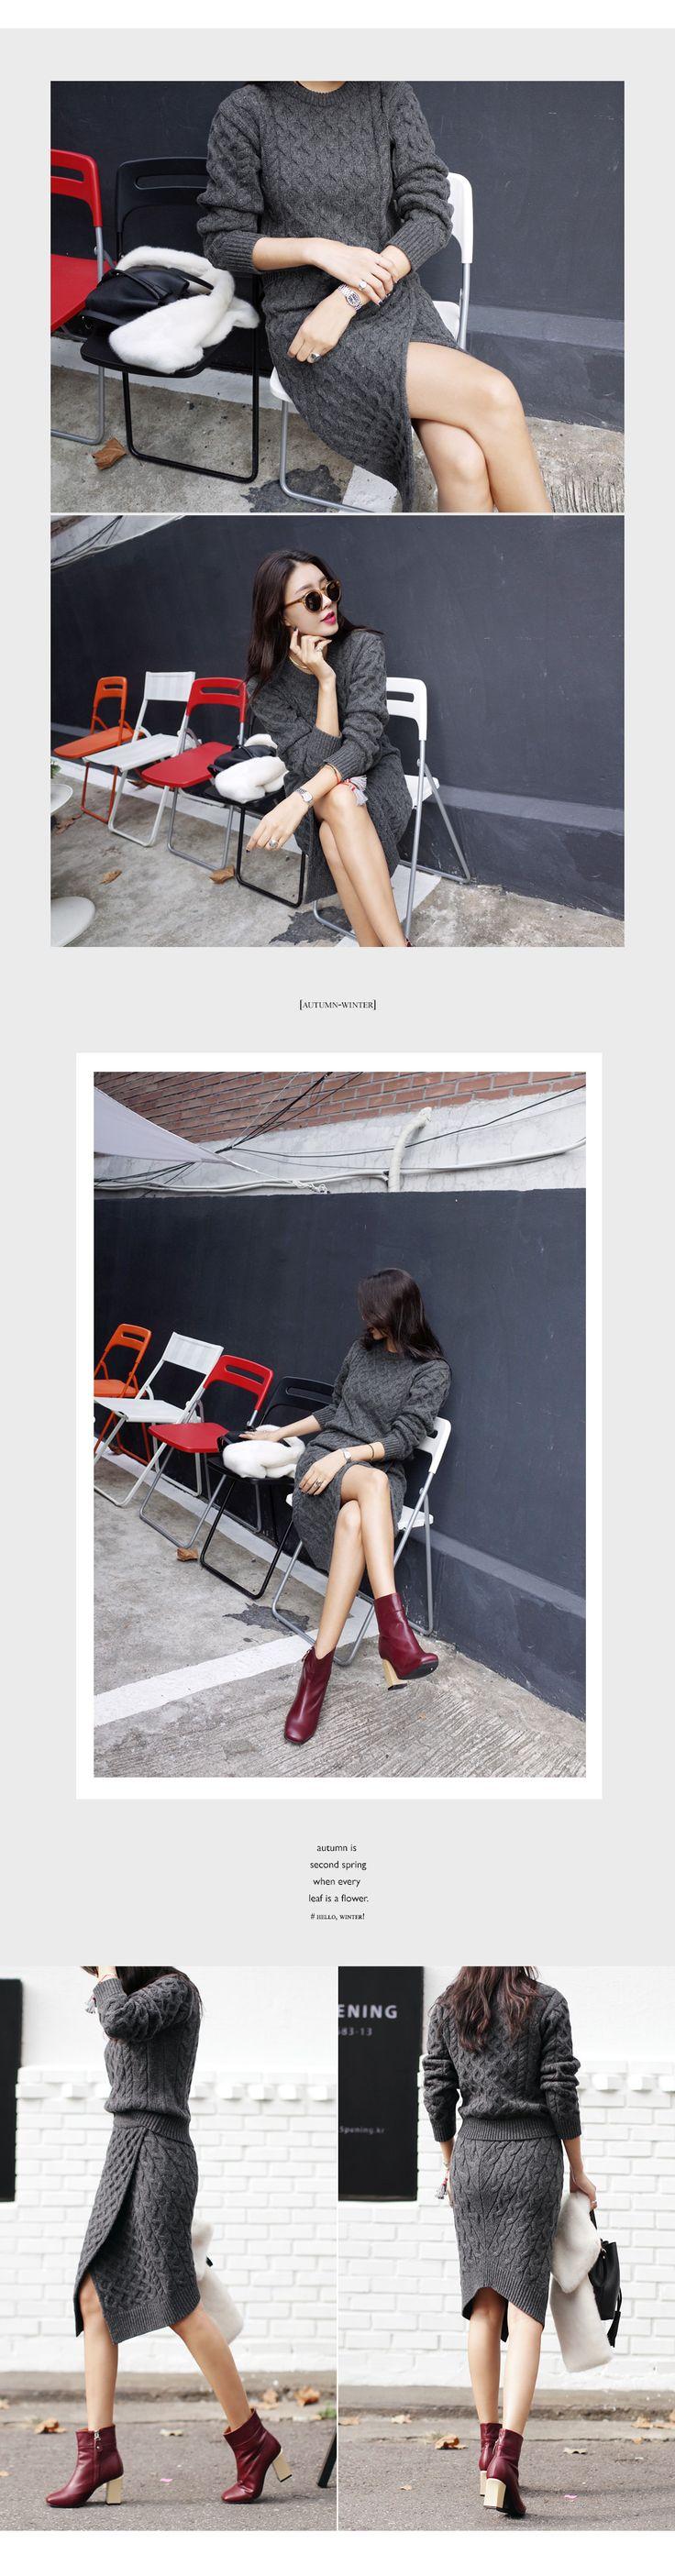 ケーブルニットラップミディスカート・全3色スカートスカート|レディースファッション通販 DHOLICディーホリック [ファストファッション 水着 ワンピース]